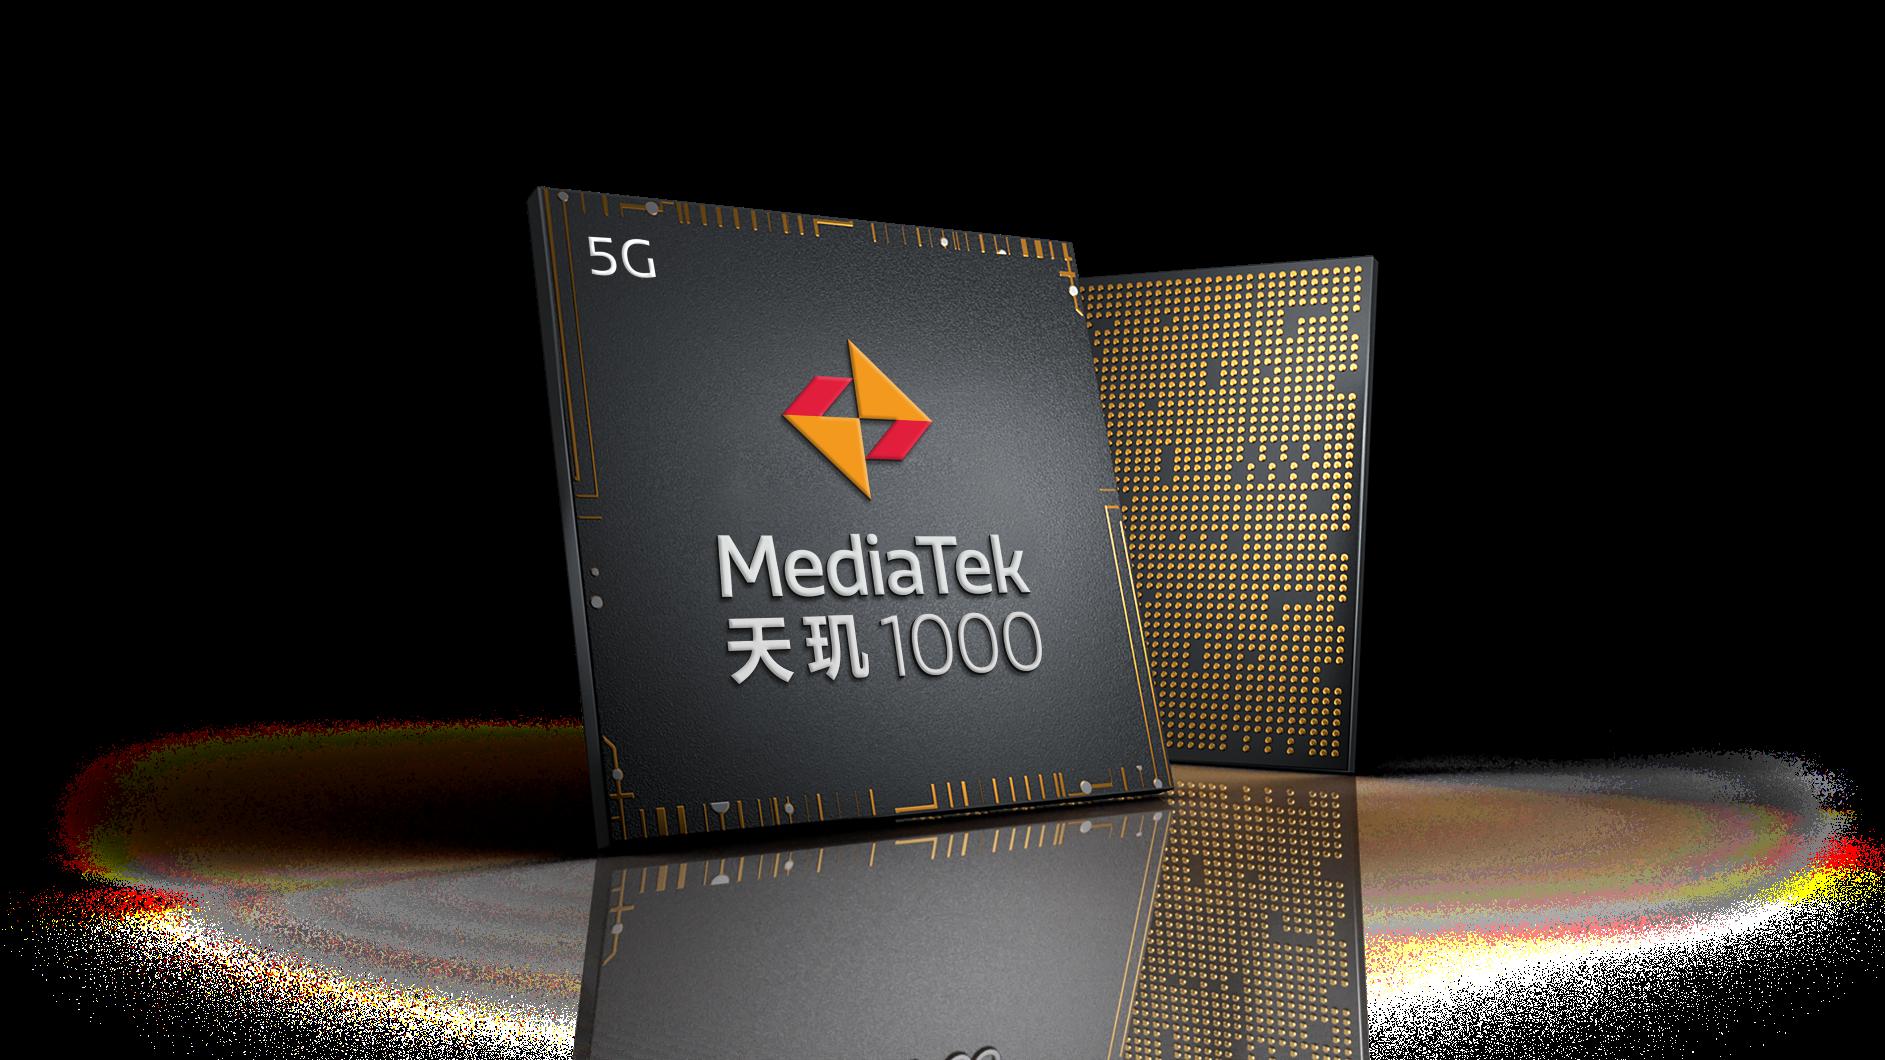 聯發科首款5G SoC天璣1000發布 7nm制造工藝 首發終端將于2020Q1量產上市